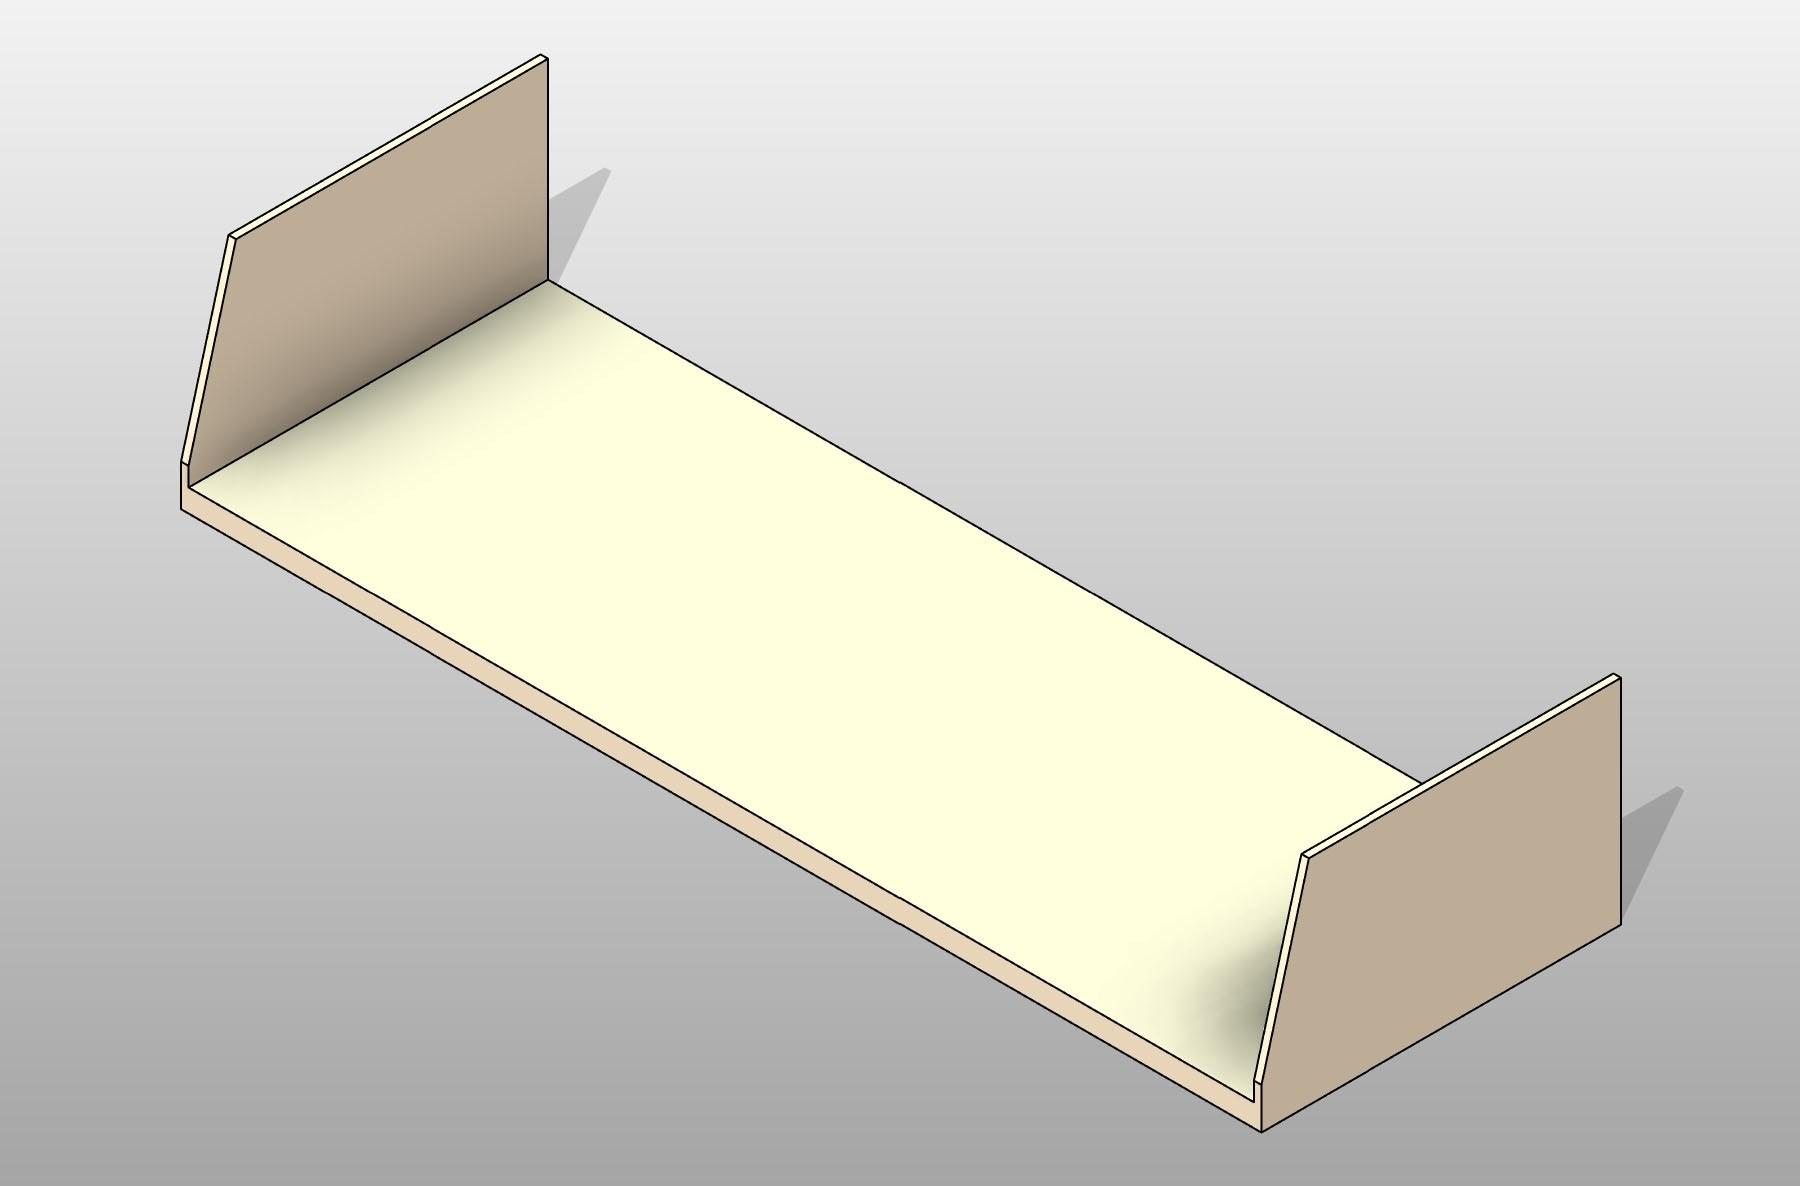 Shelf Cantilever Shelving